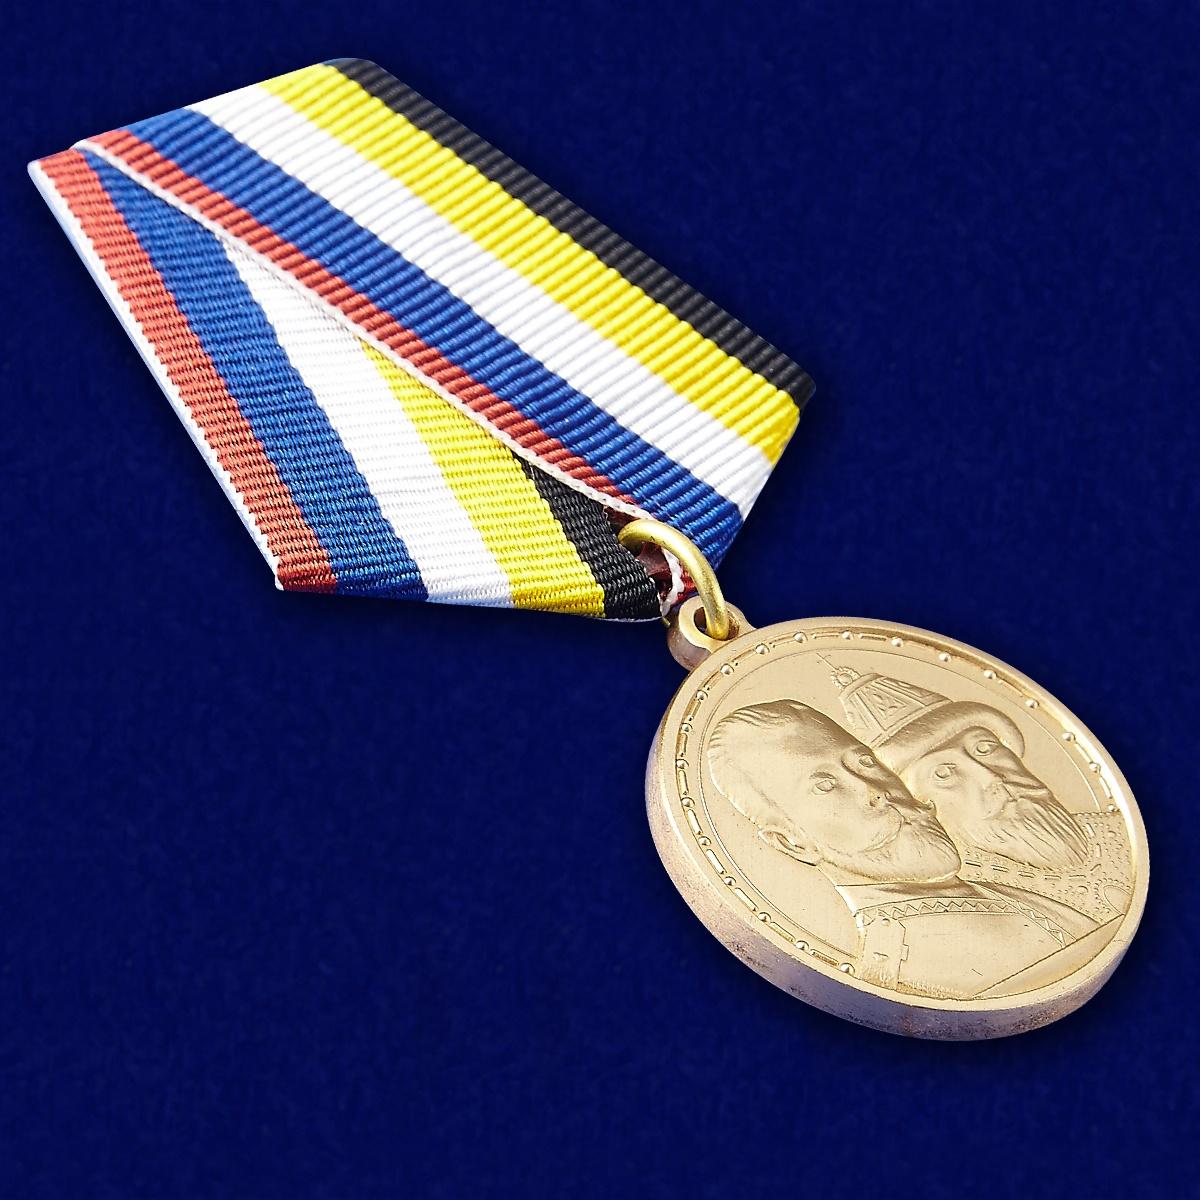 Юбилейная медаль 400 лет Дому Романовых - общий вид